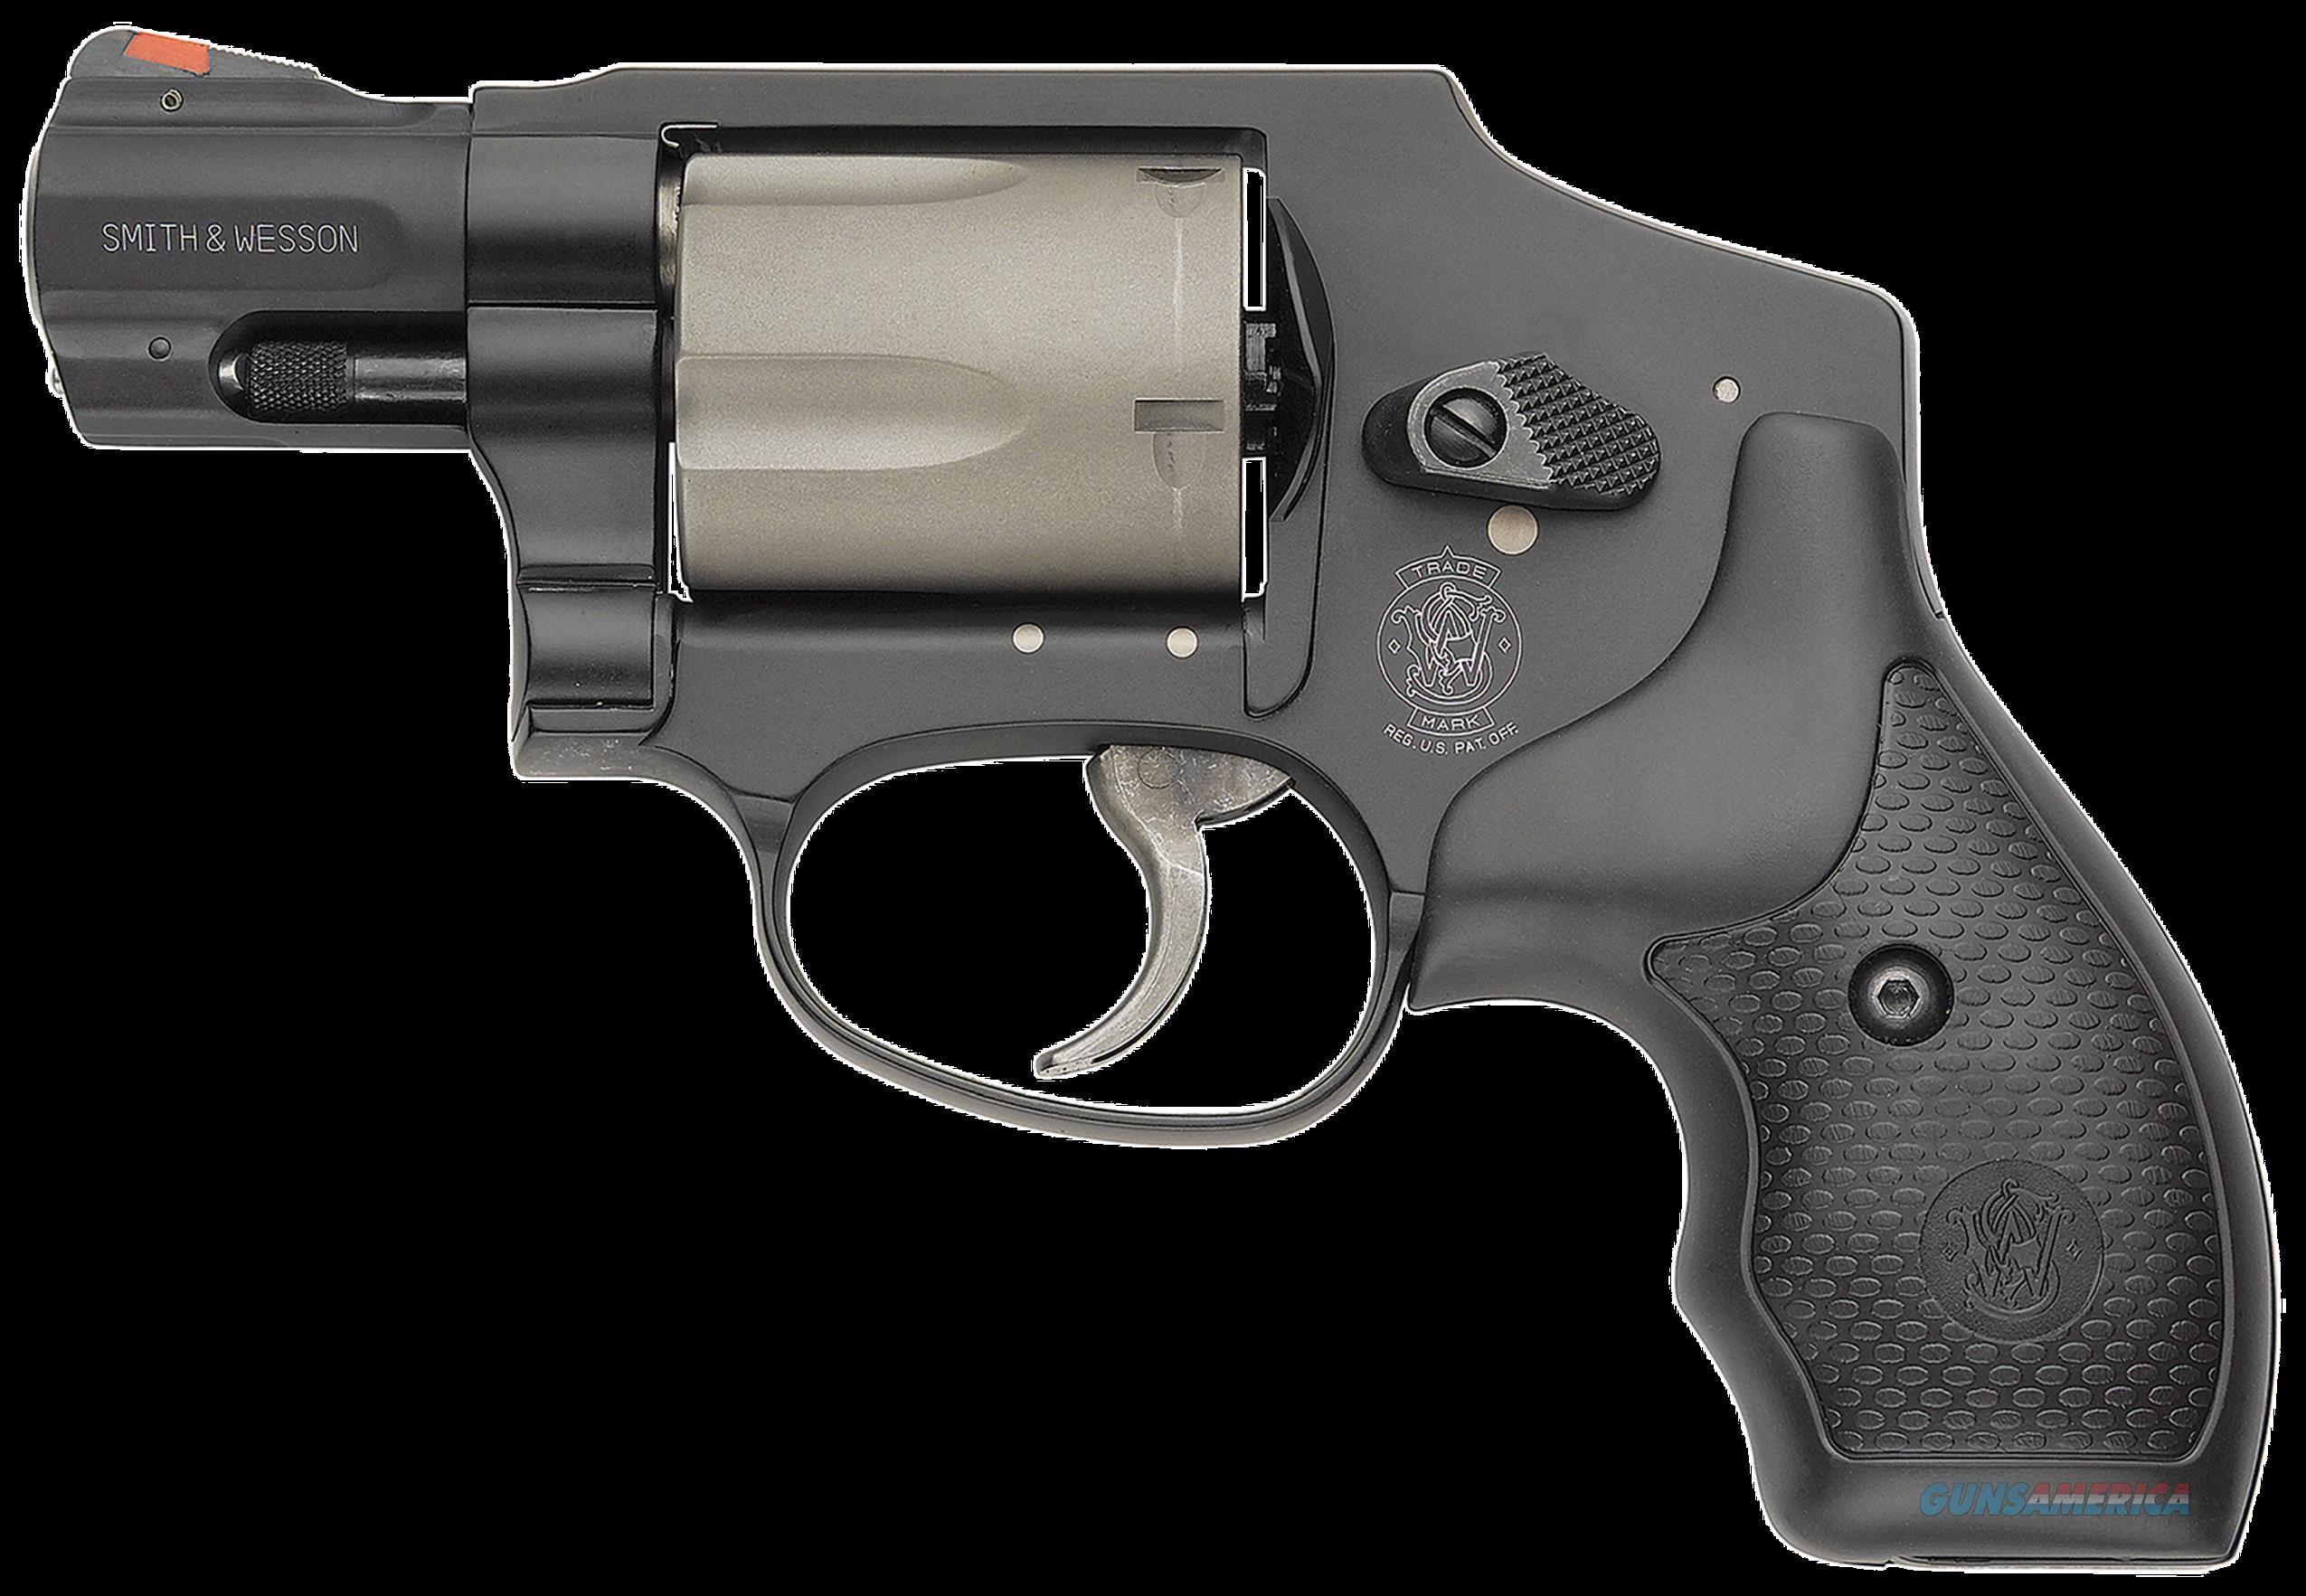 Smith & Wesson 340, S&w 340pd     103061 357 17-8 Sccn Nl   Blk  Guns > Pistols > 1911 Pistol Copies (non-Colt)